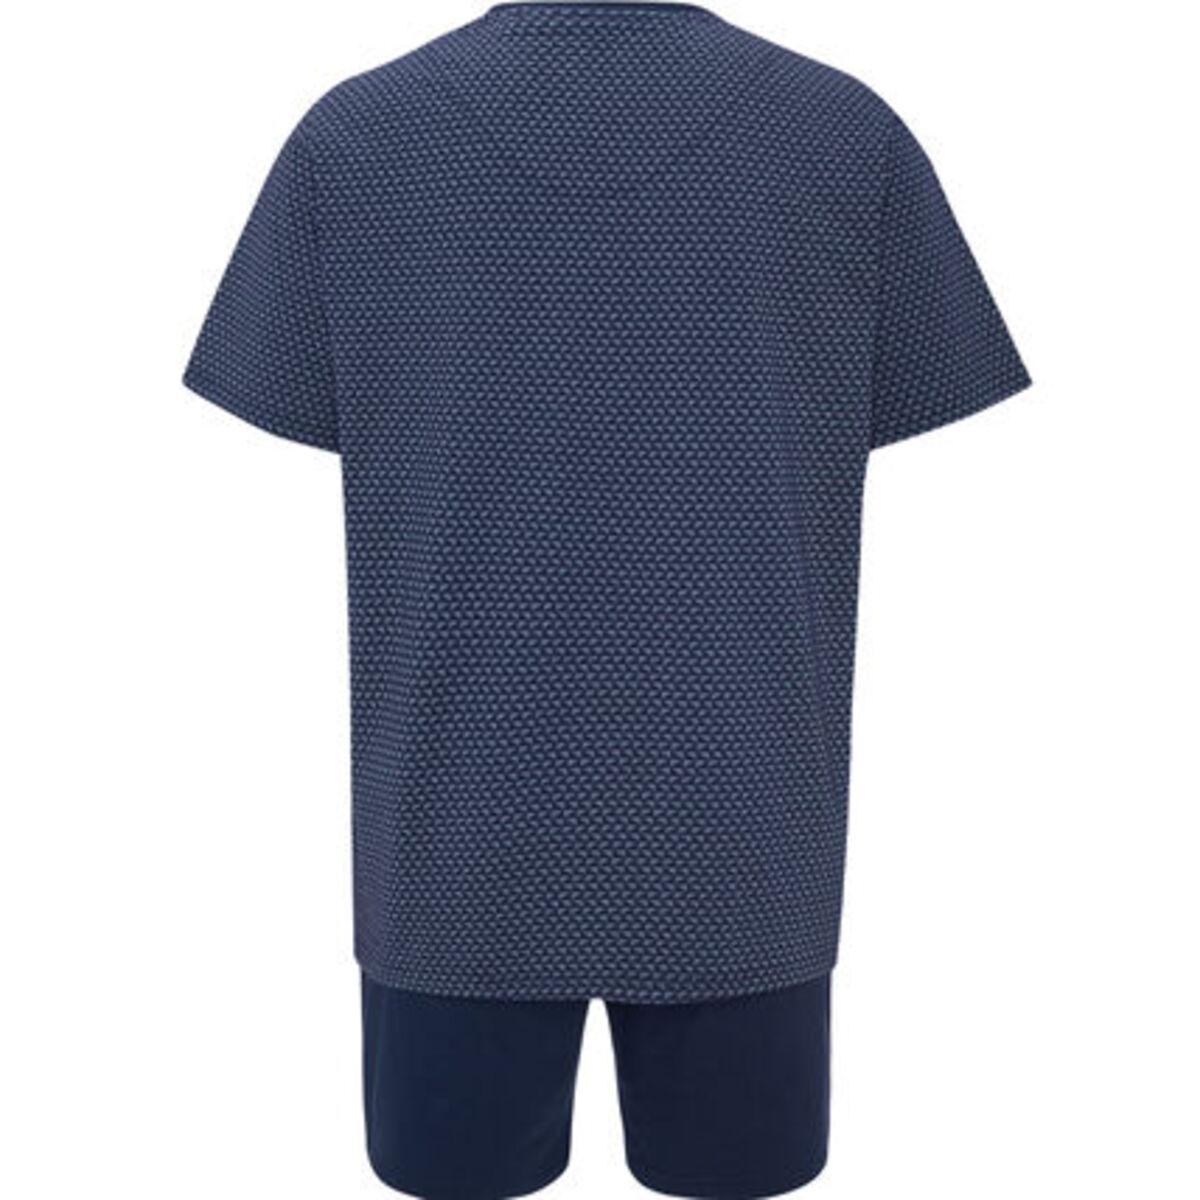 Bild 2 von Seidensticker Schlafanzug, kurz, Kurzarm, gemustert, für Herren